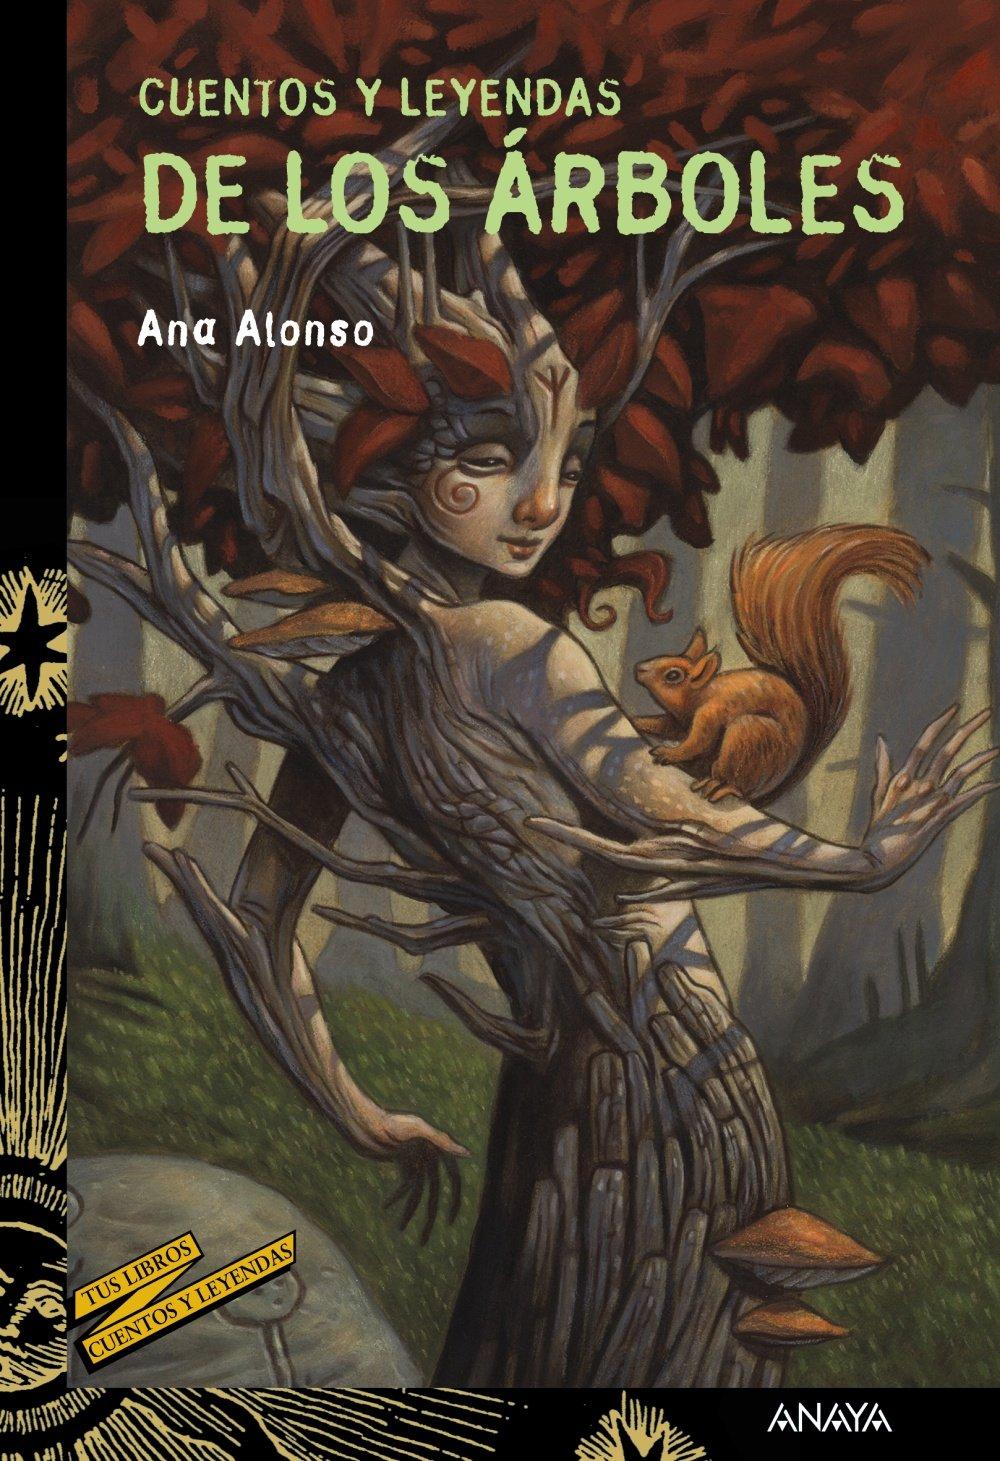 Cuentos y leyendas de los árboles Literatura Juvenil A Partir De 12 Años - Cuentos Y Leyendas: Amazon.es: Ana Alonso: Libros